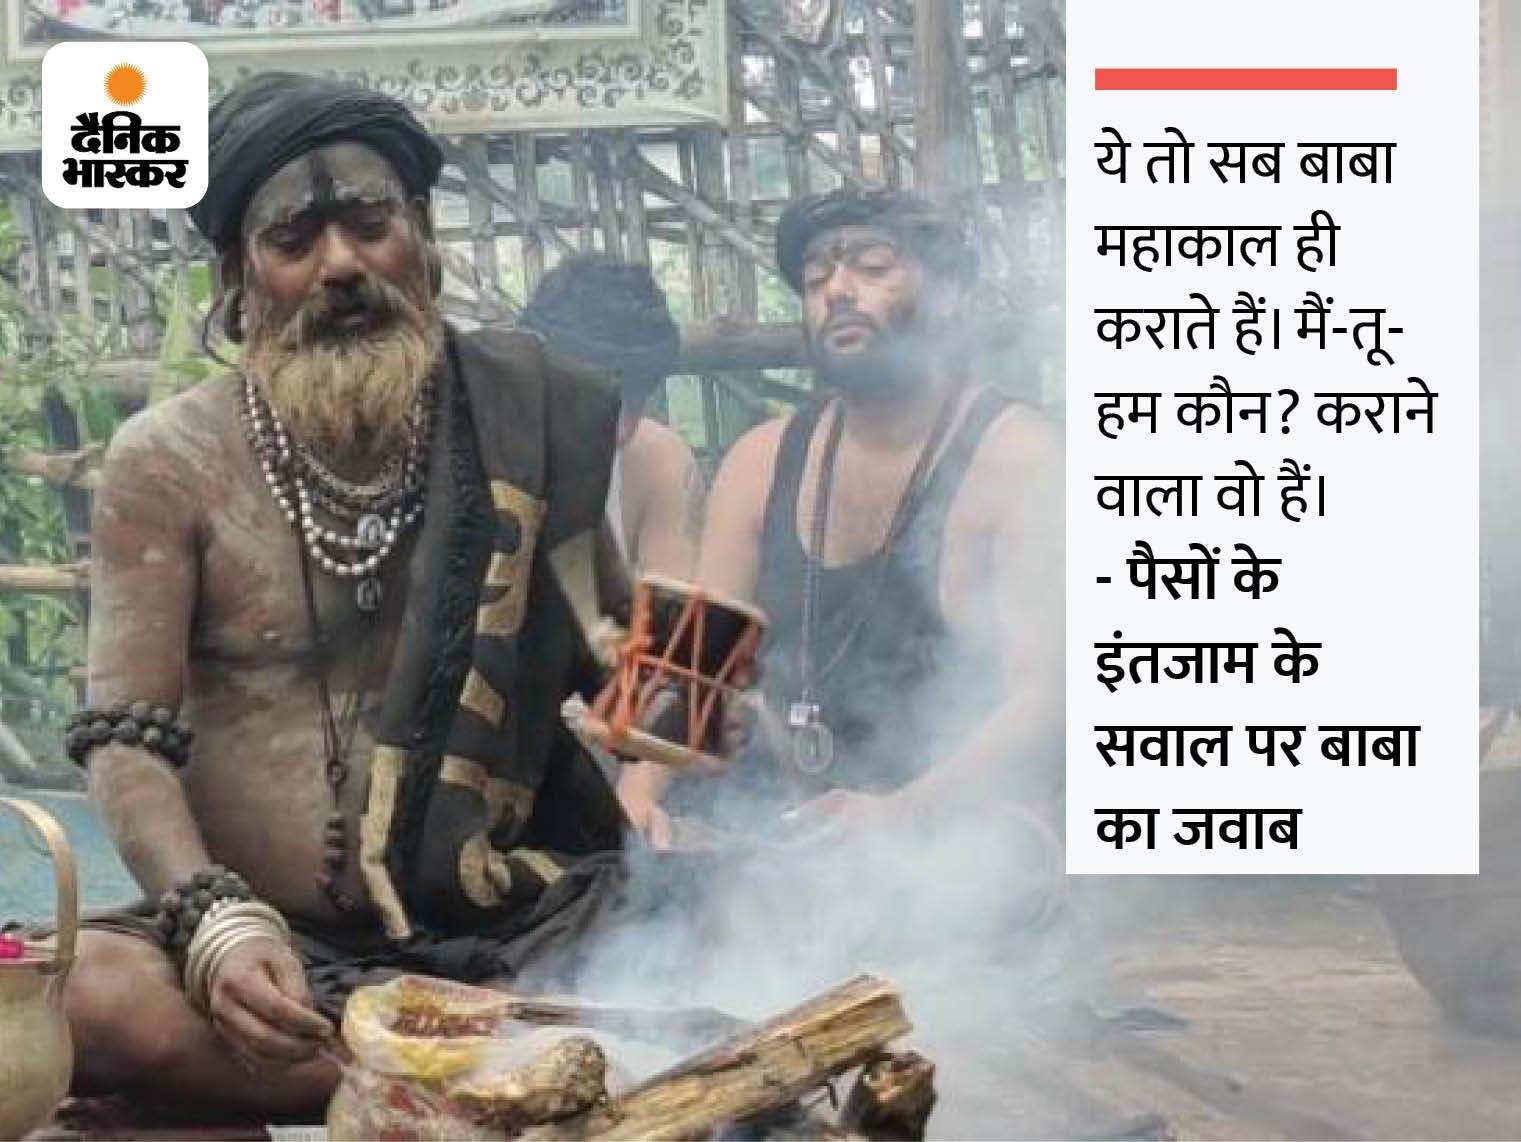 15 साल से शाही सवारी की साज-सज्जा और स्वागत पर लाखों रुपए खर्च करते हैं, कहते हैं- हमें तो बस आदेश मिलता है|उज्जैन,Ujjain - Dainik Bhaskar